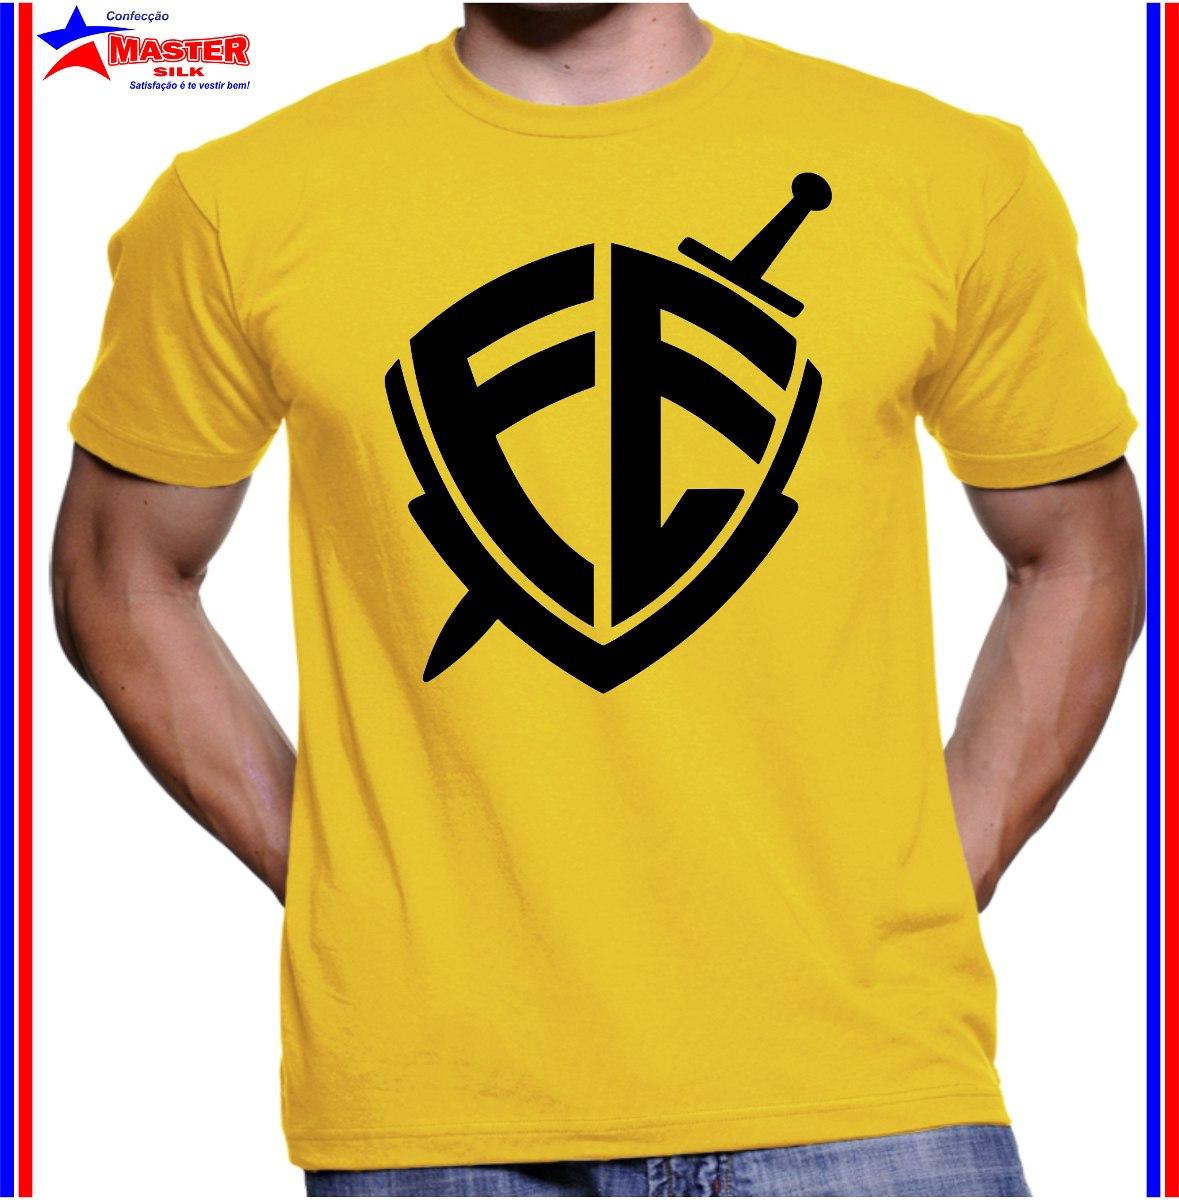 Camiseta Camisa Religiosa Escudo Armadura Da Fé Em Deus Pai - R  42 ... 798bab61007